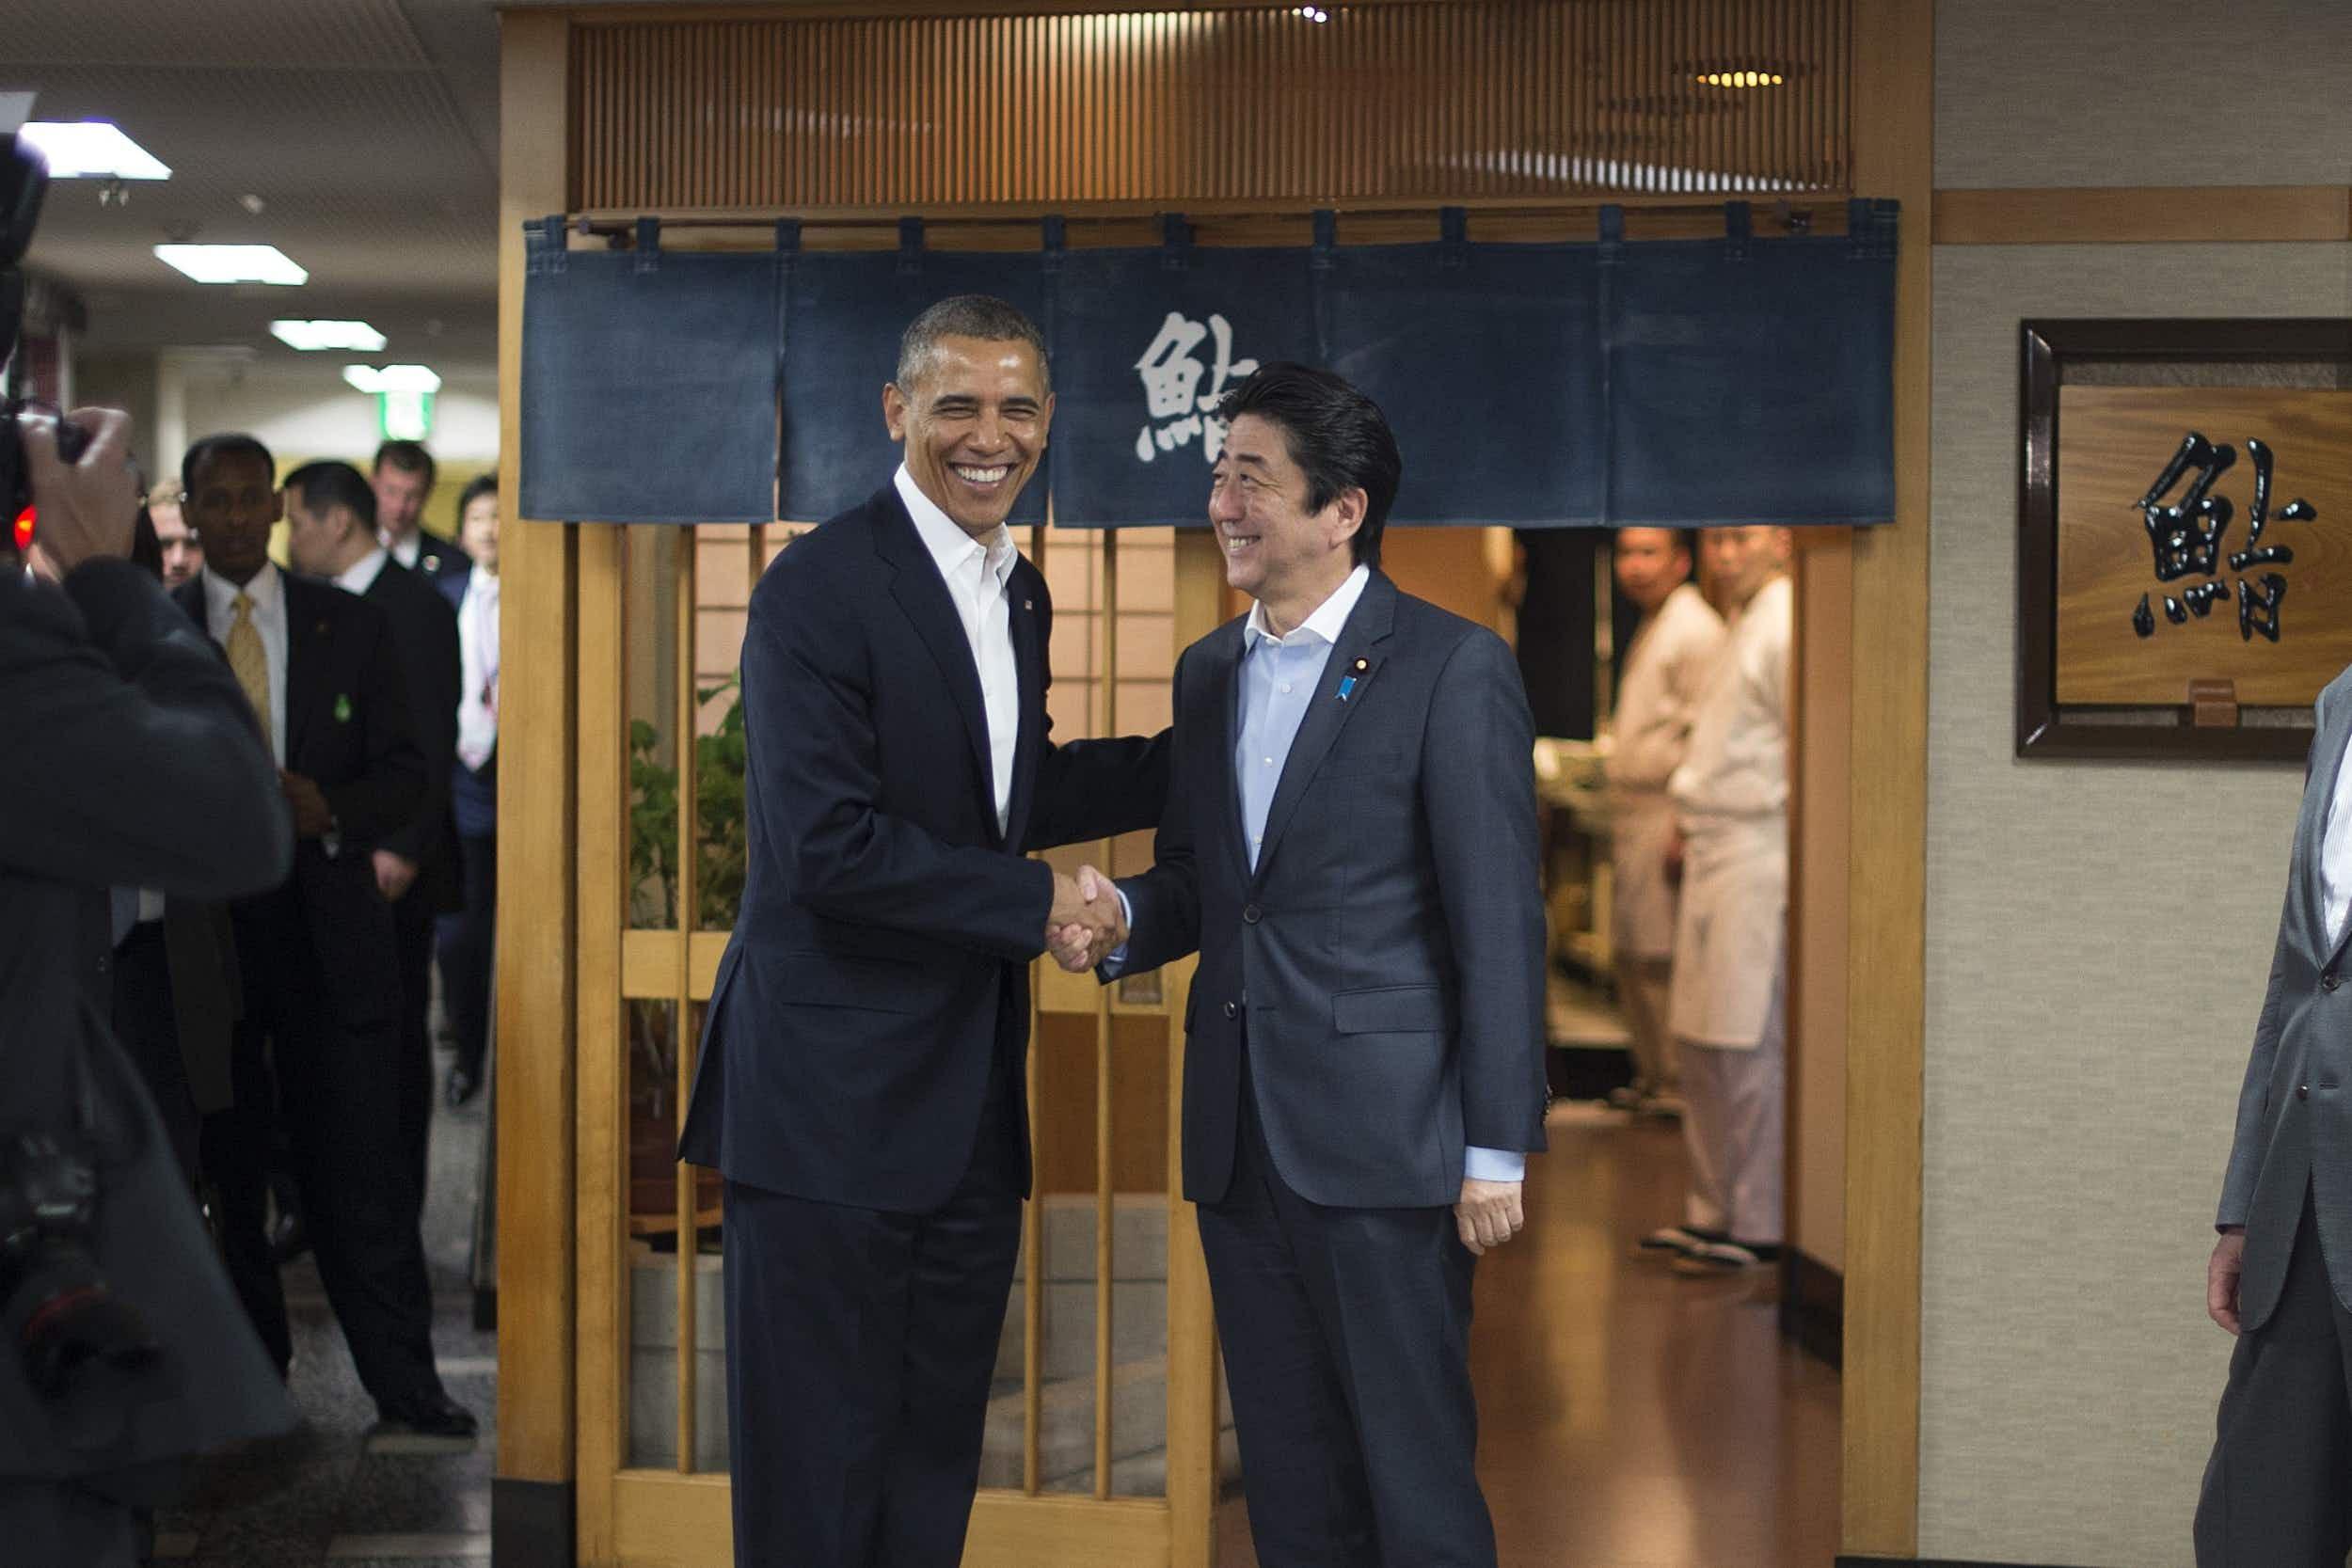 Barack Obama with Japanese prime minister Shinzo Abe outside Sukiyabashi Jiro © Jim Watson/AFP via Getty Images